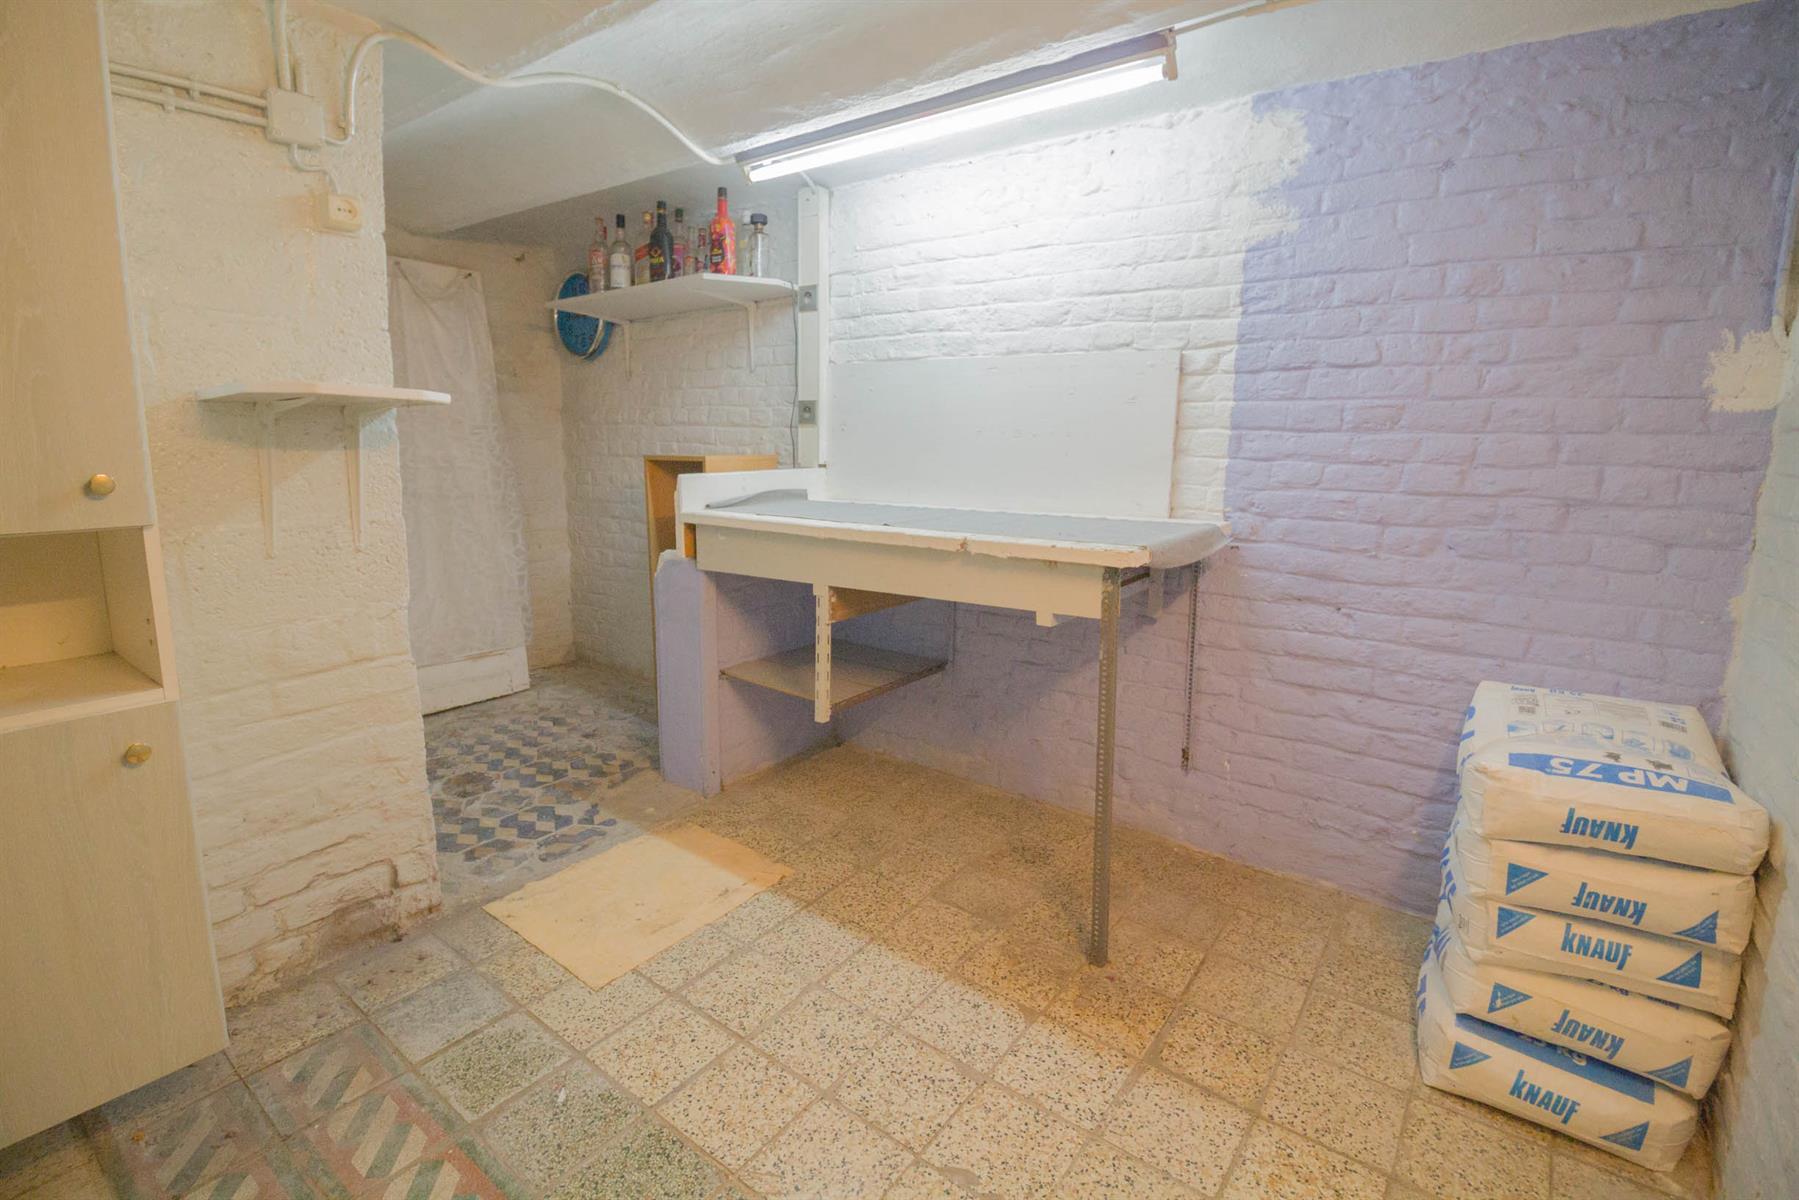 Maison - Trazegnies - #4416665-27